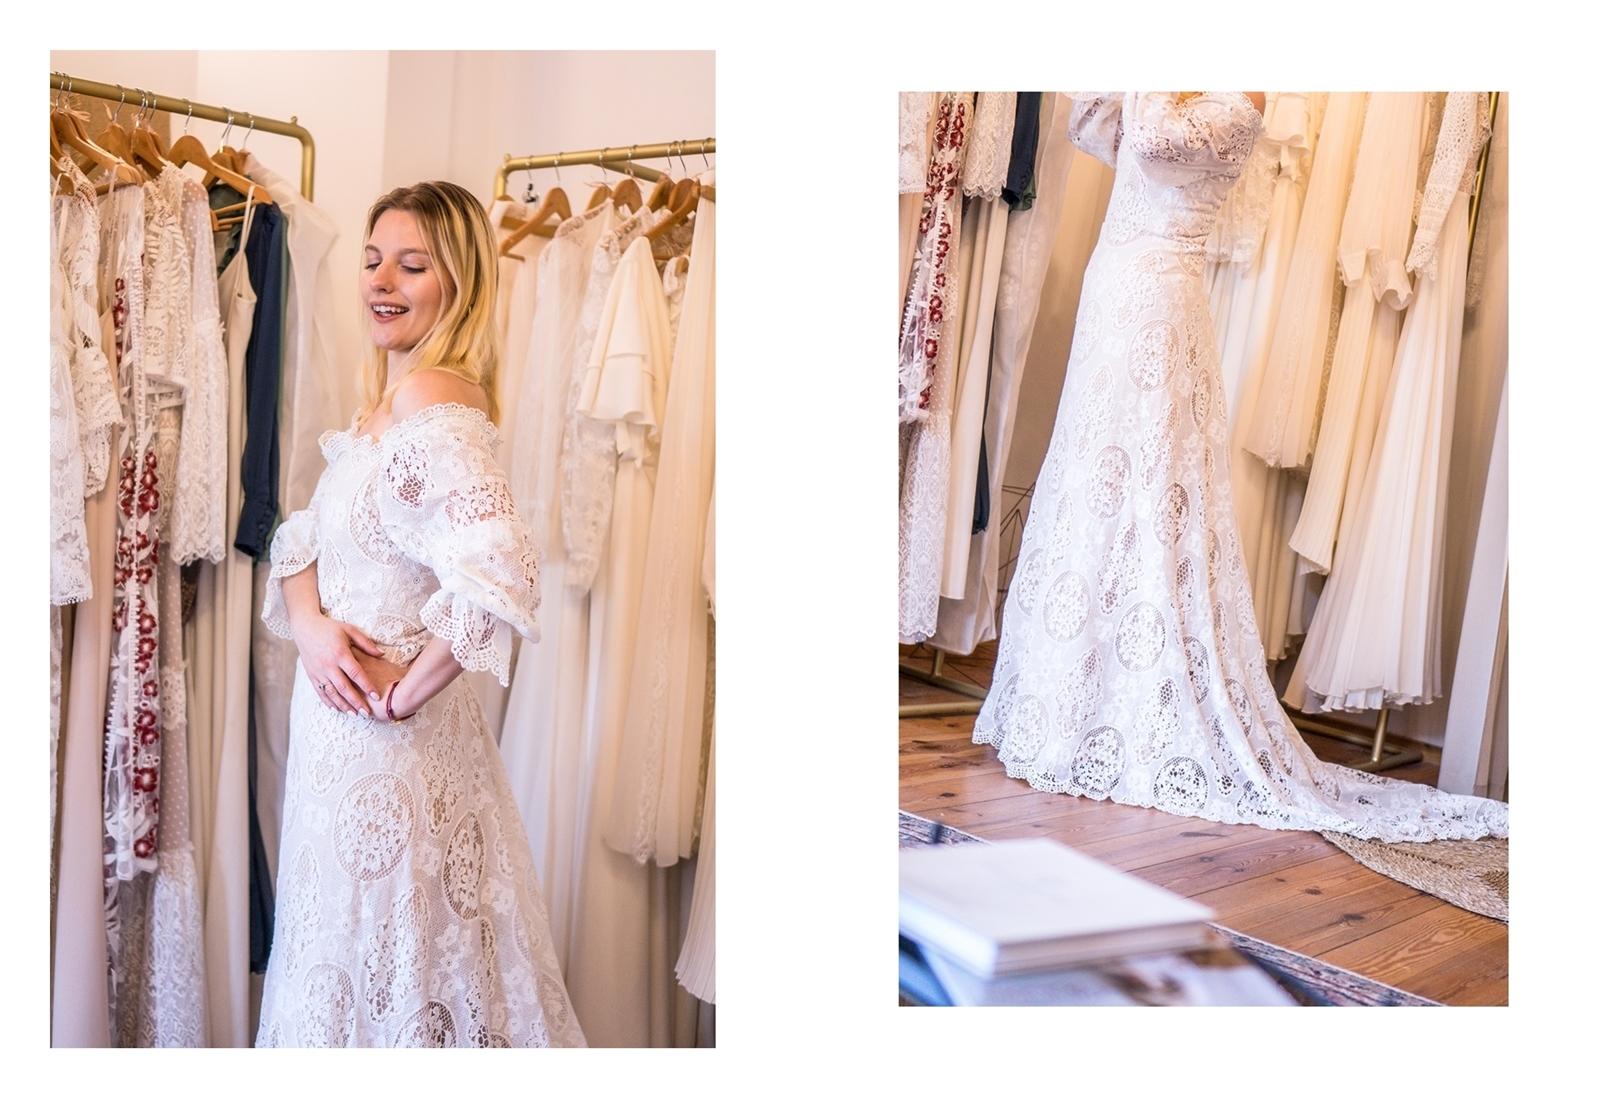 8a suknia ślubna do cywilnego do szerokich ramion sukienka ślubna do 2000 zł do sylwetki do kostek do kolan z tiulu z jedwabiu z koronki